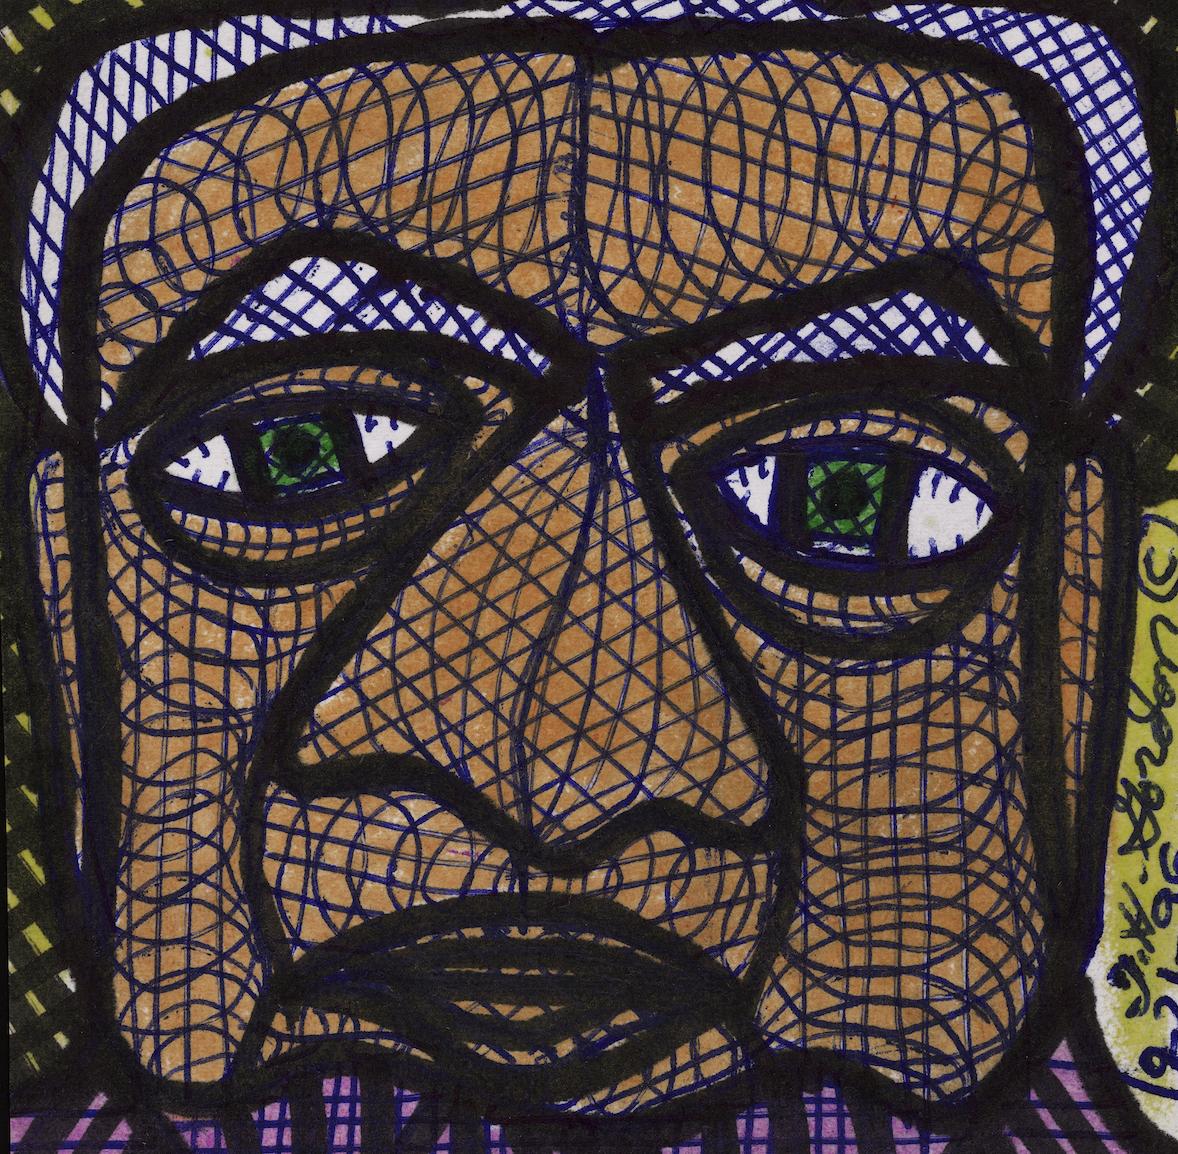 Foyer De L Art Brut : Notes d art brut le visage dans l